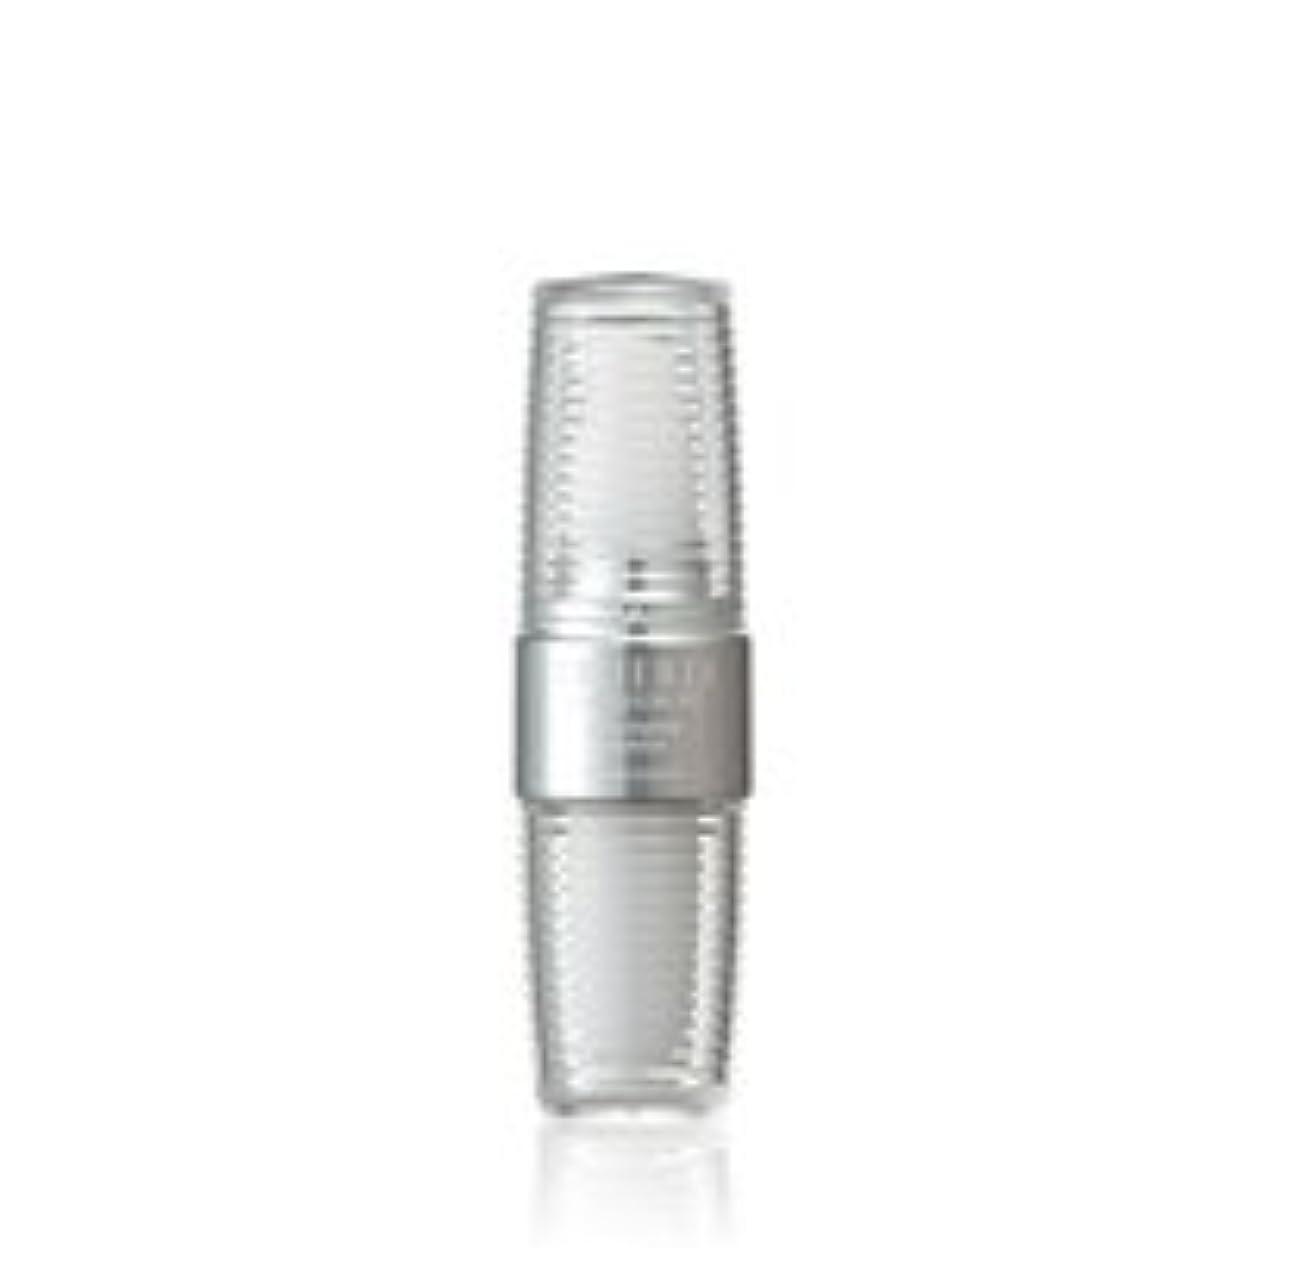 ハック発表する飼料ナリス化粧品 トゥルーリア リミッション PO ポア エクスプレス エッセンス (美容液) 20ml